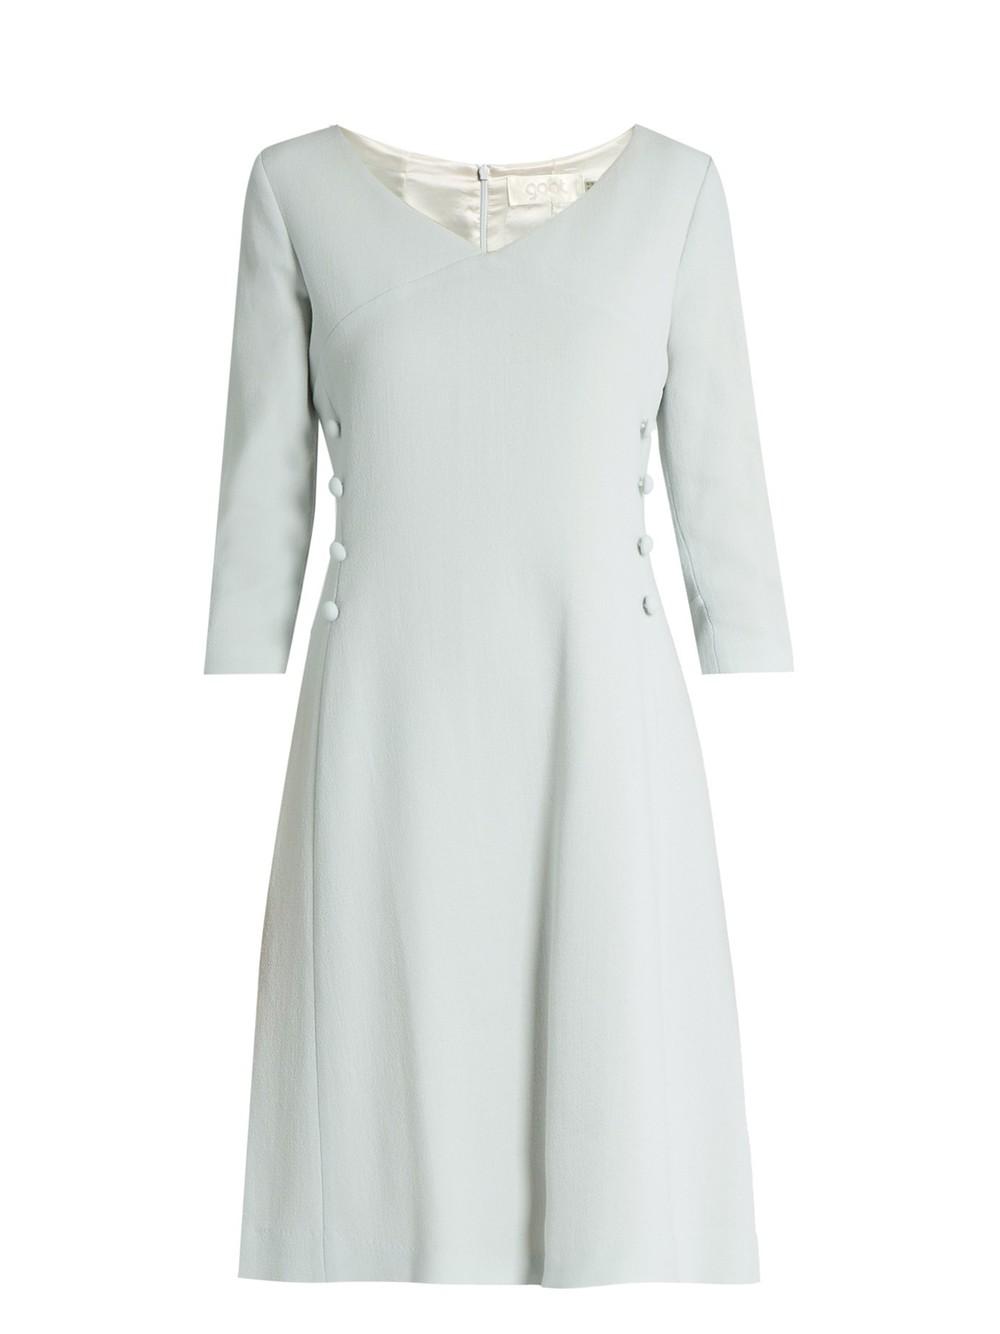 489a5d0d544 GOAT Darling V-neck wool-crepe dress in blue